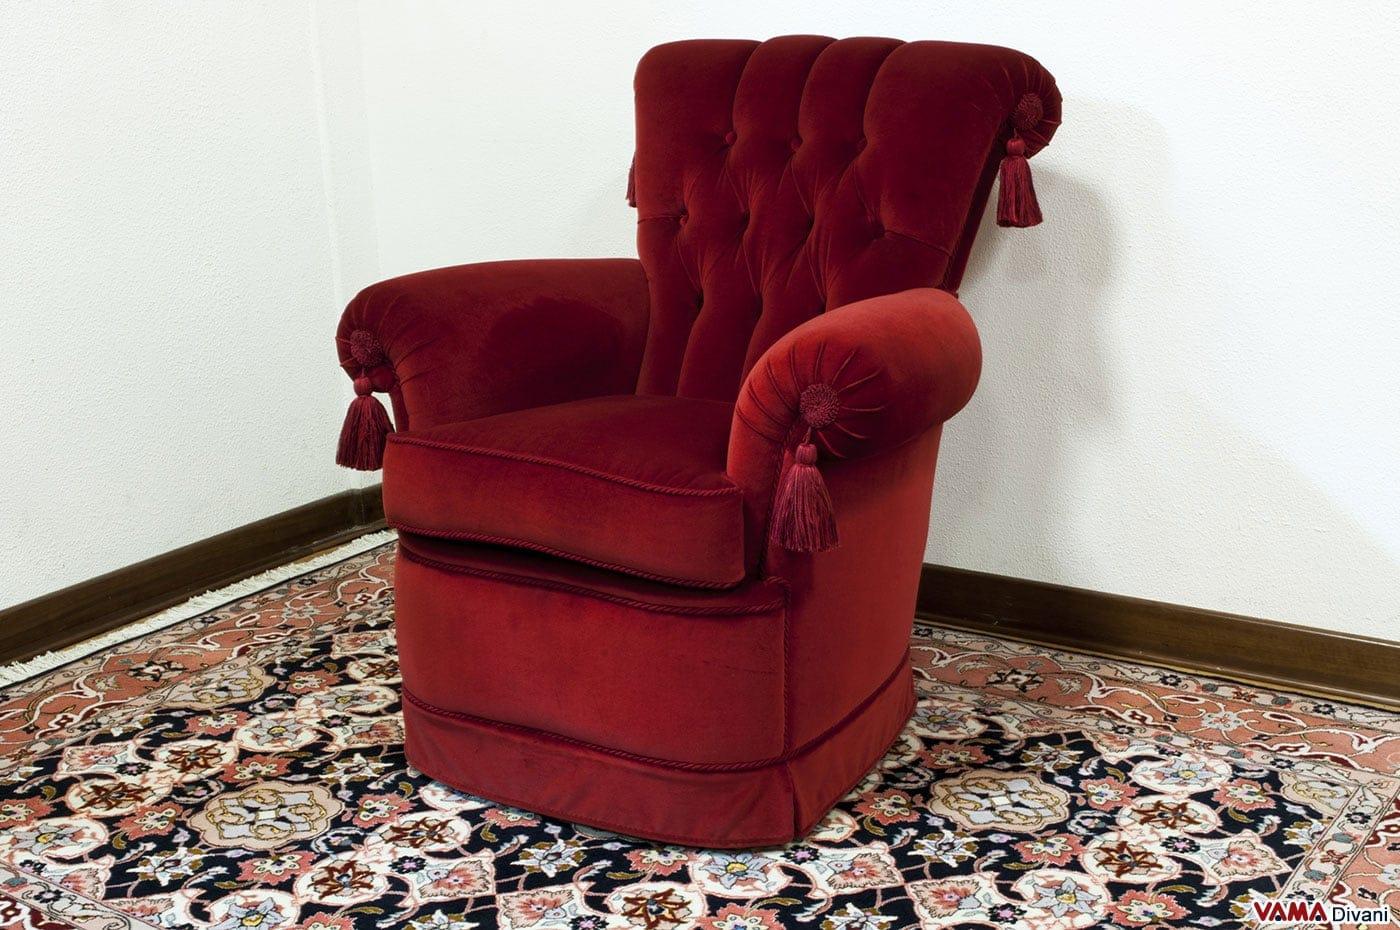 Poltroncina da camera da letto classica in tessuto e pelle - Appendiabiti da camera da letto ...